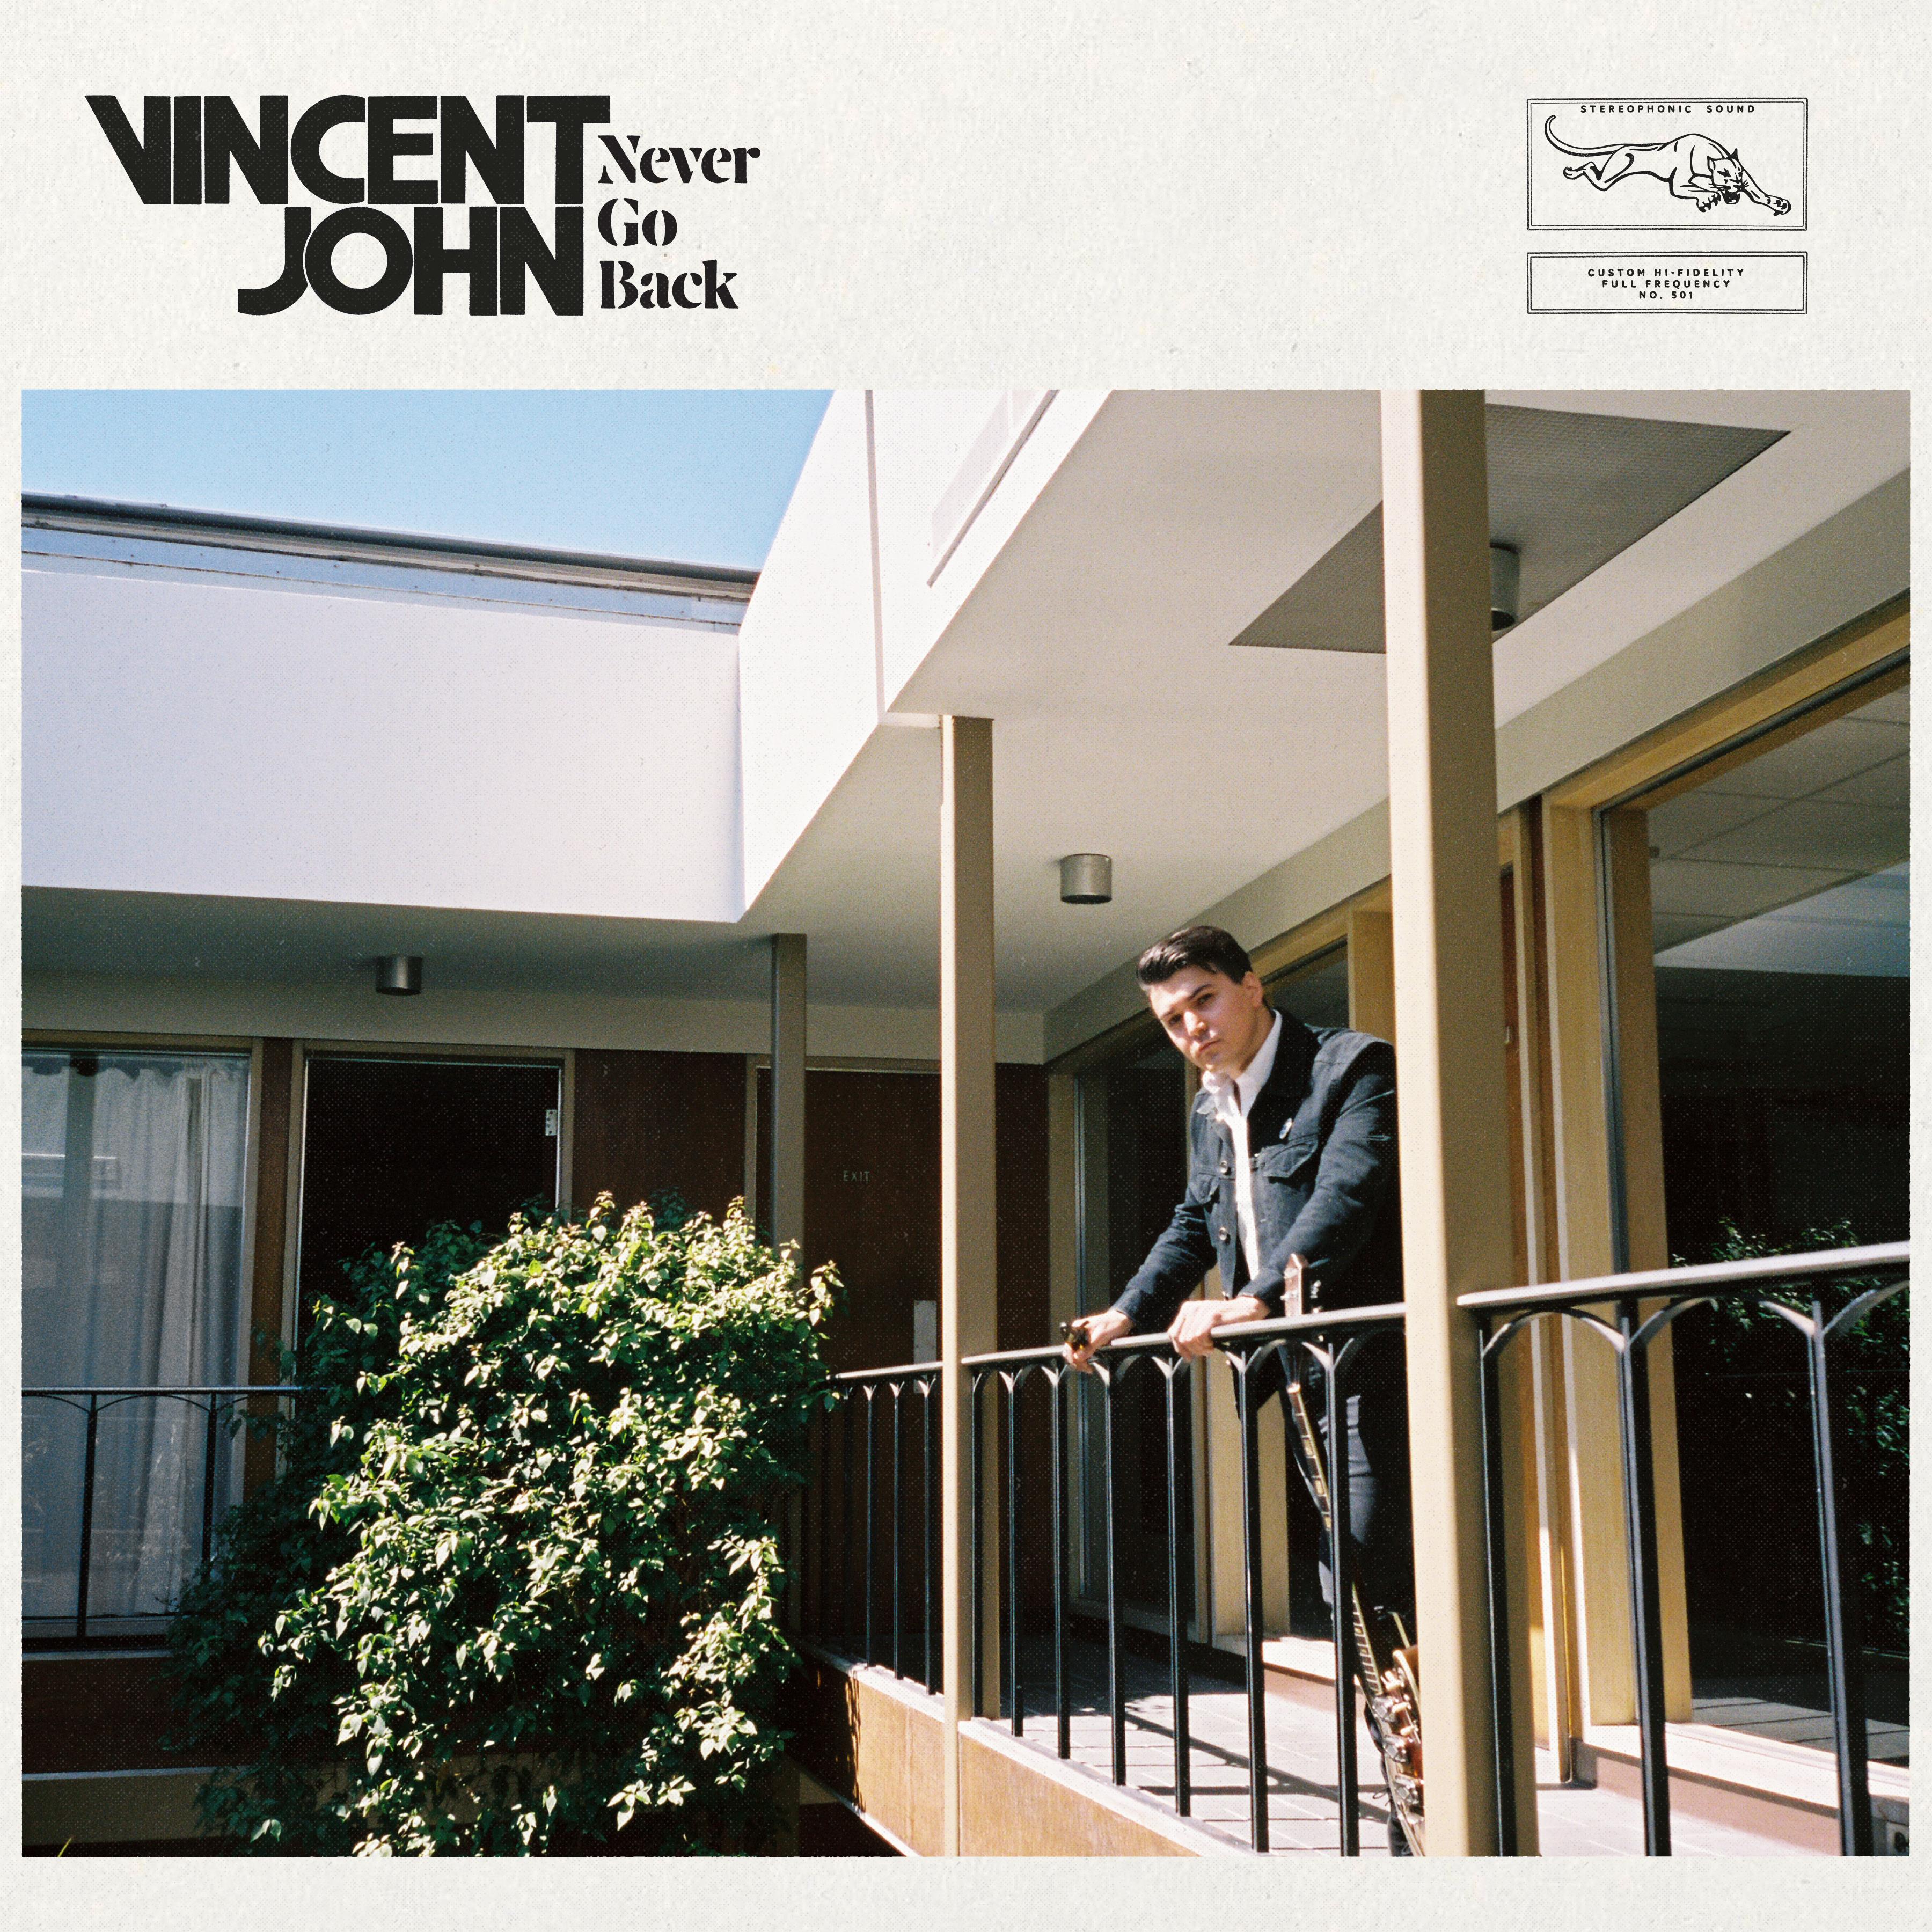 Vincent John - Never Go Back